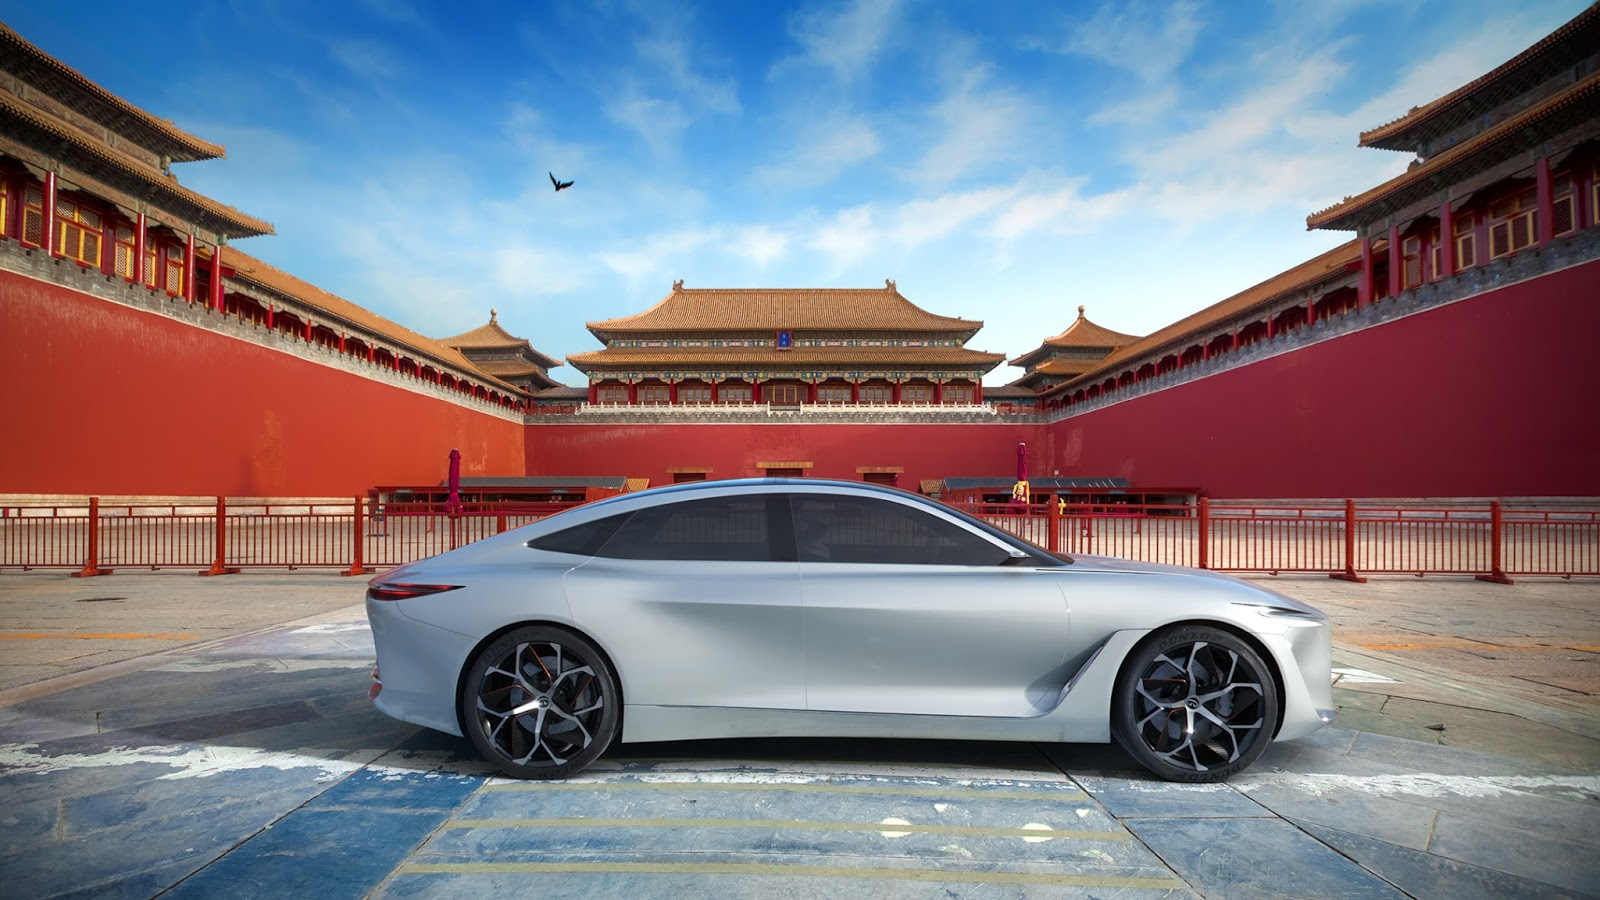 Η INFINITI ανακοίνωσε τη δημιουργία μιας νέας πλατφόρμας ηλεκτροκίνητου οχήματος,  με βάση το πρωτότυπο Q Inspiration